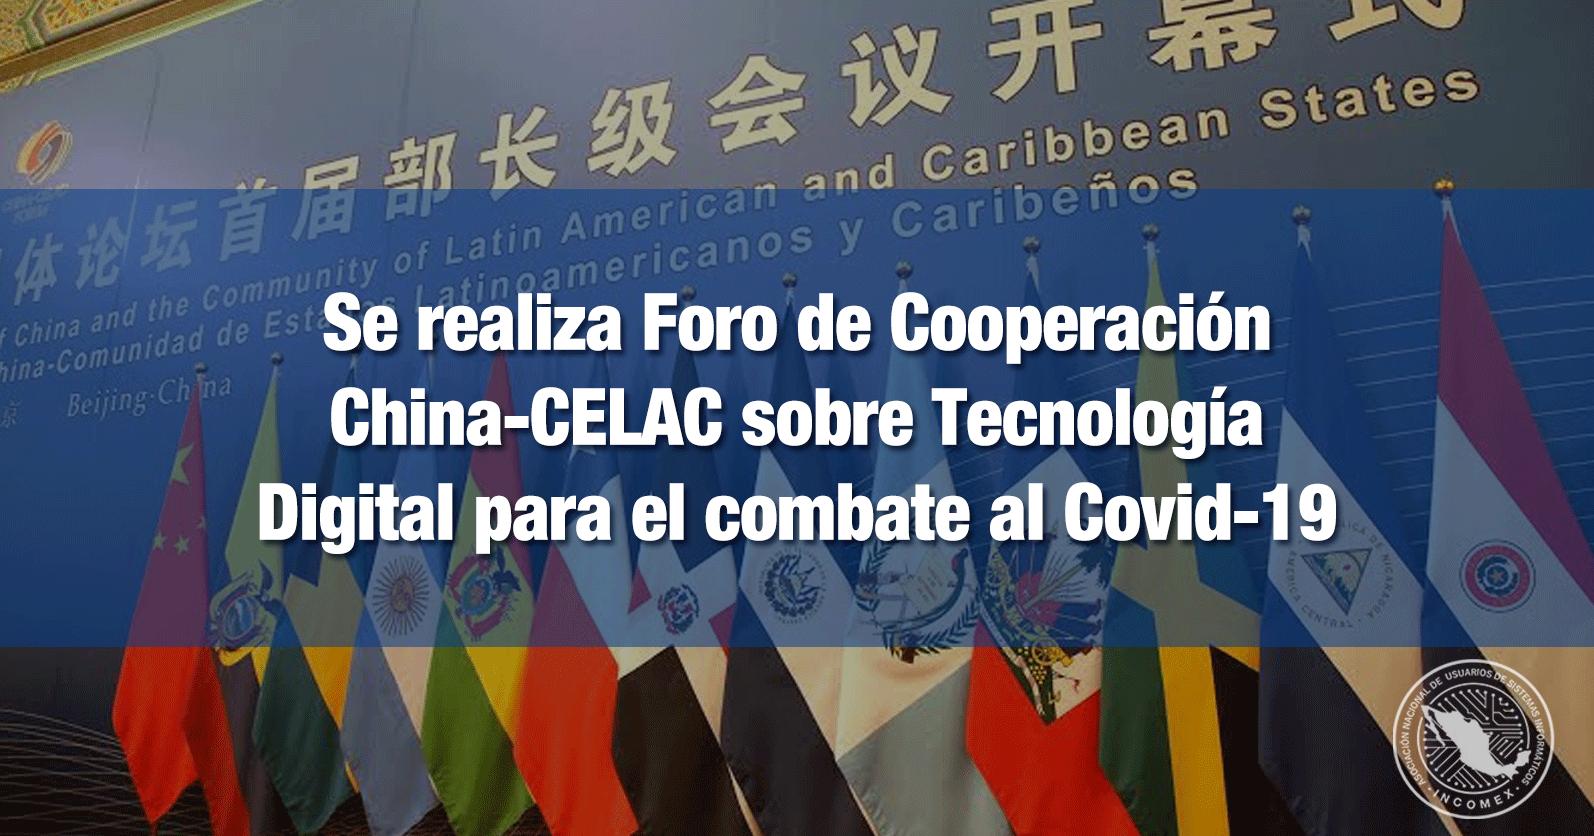 Se realiza Foro de Cooperación China-CELAC sobre Tecnología Digital para el combate al Covid-19